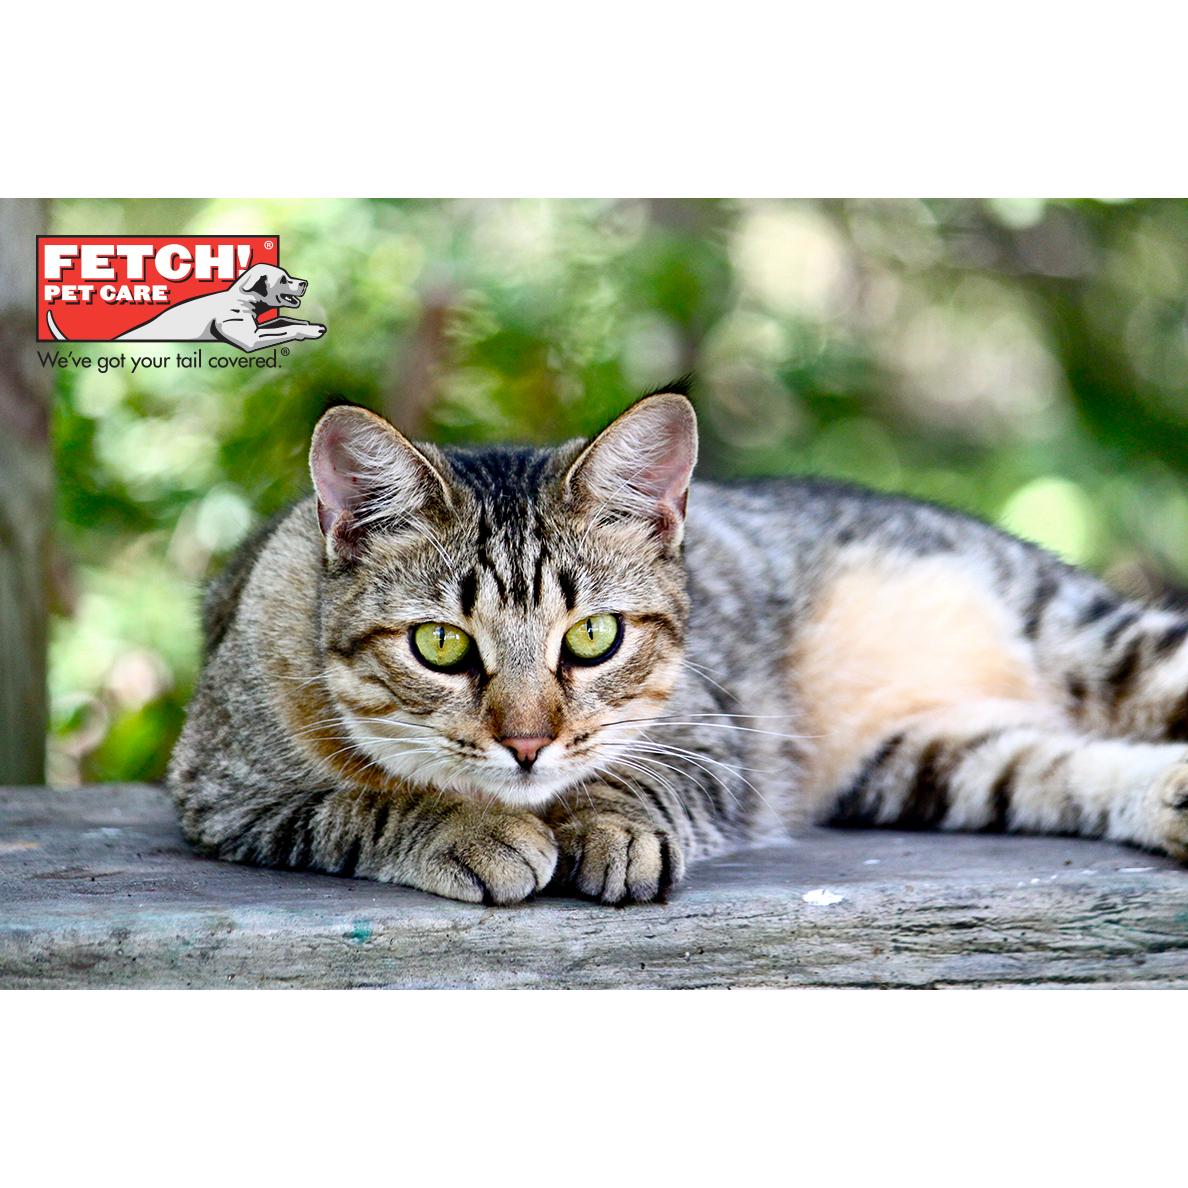 Fetch! Pet Care image 0